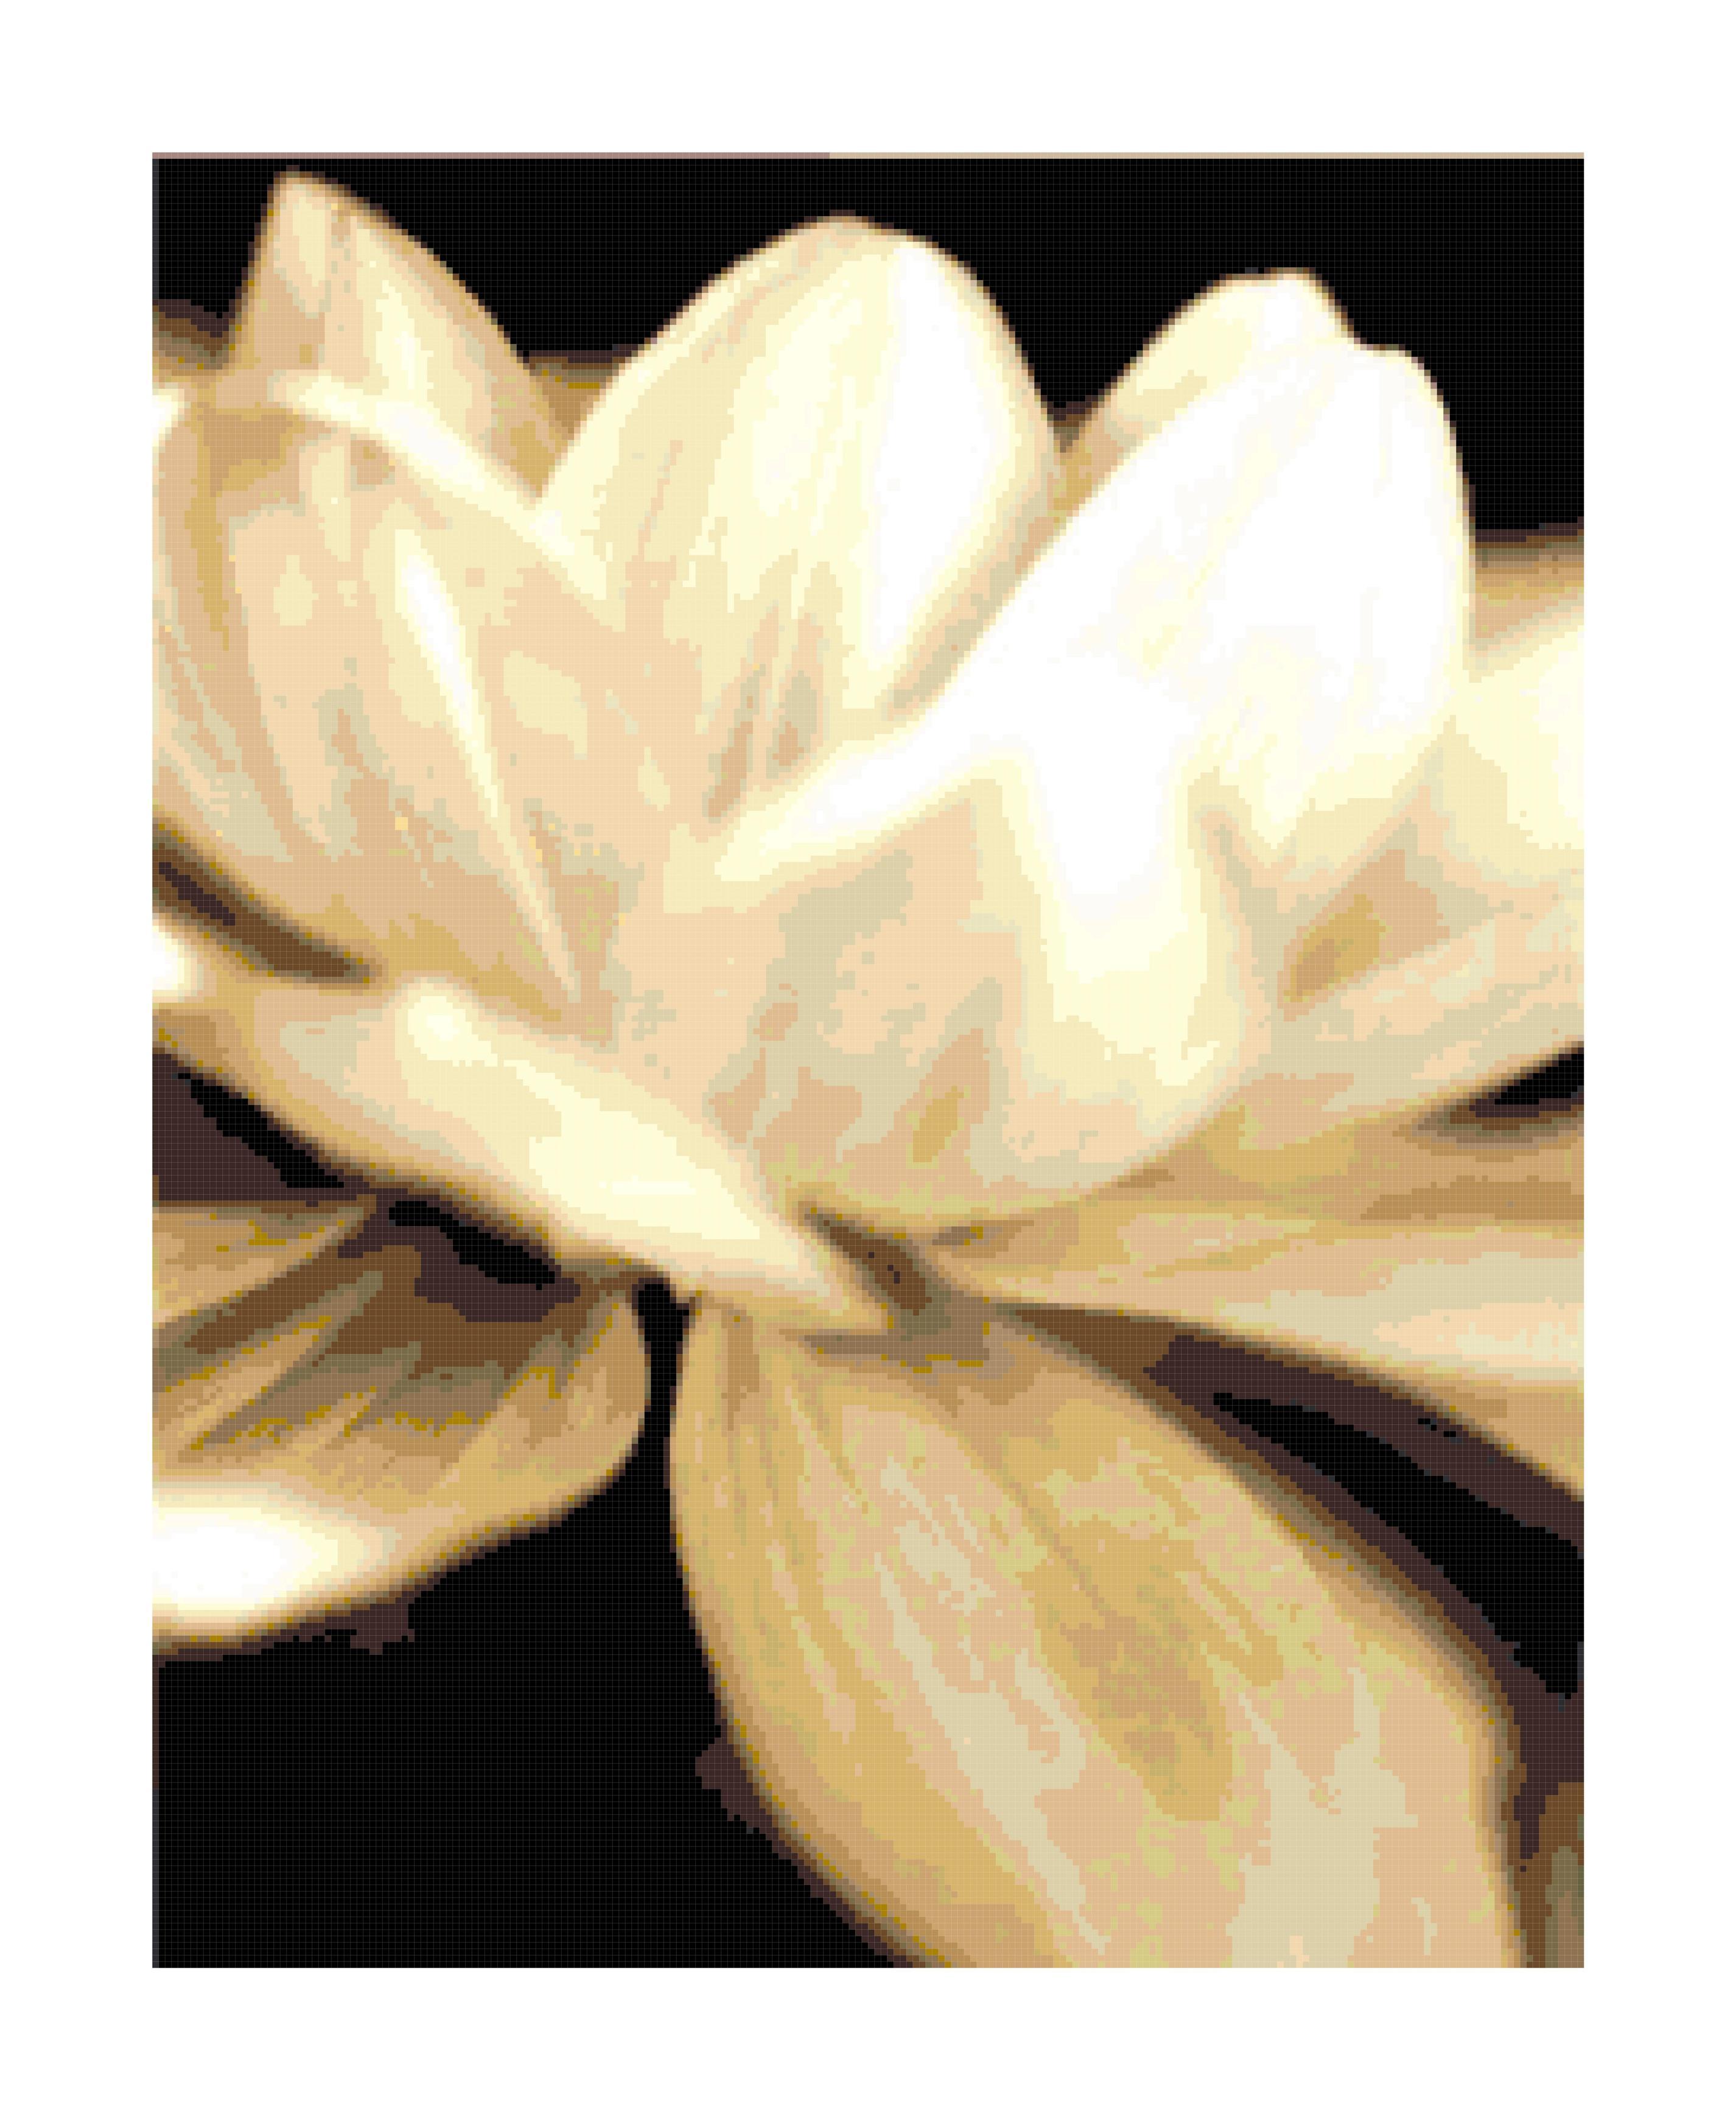 Lily pad cross stitch pattern